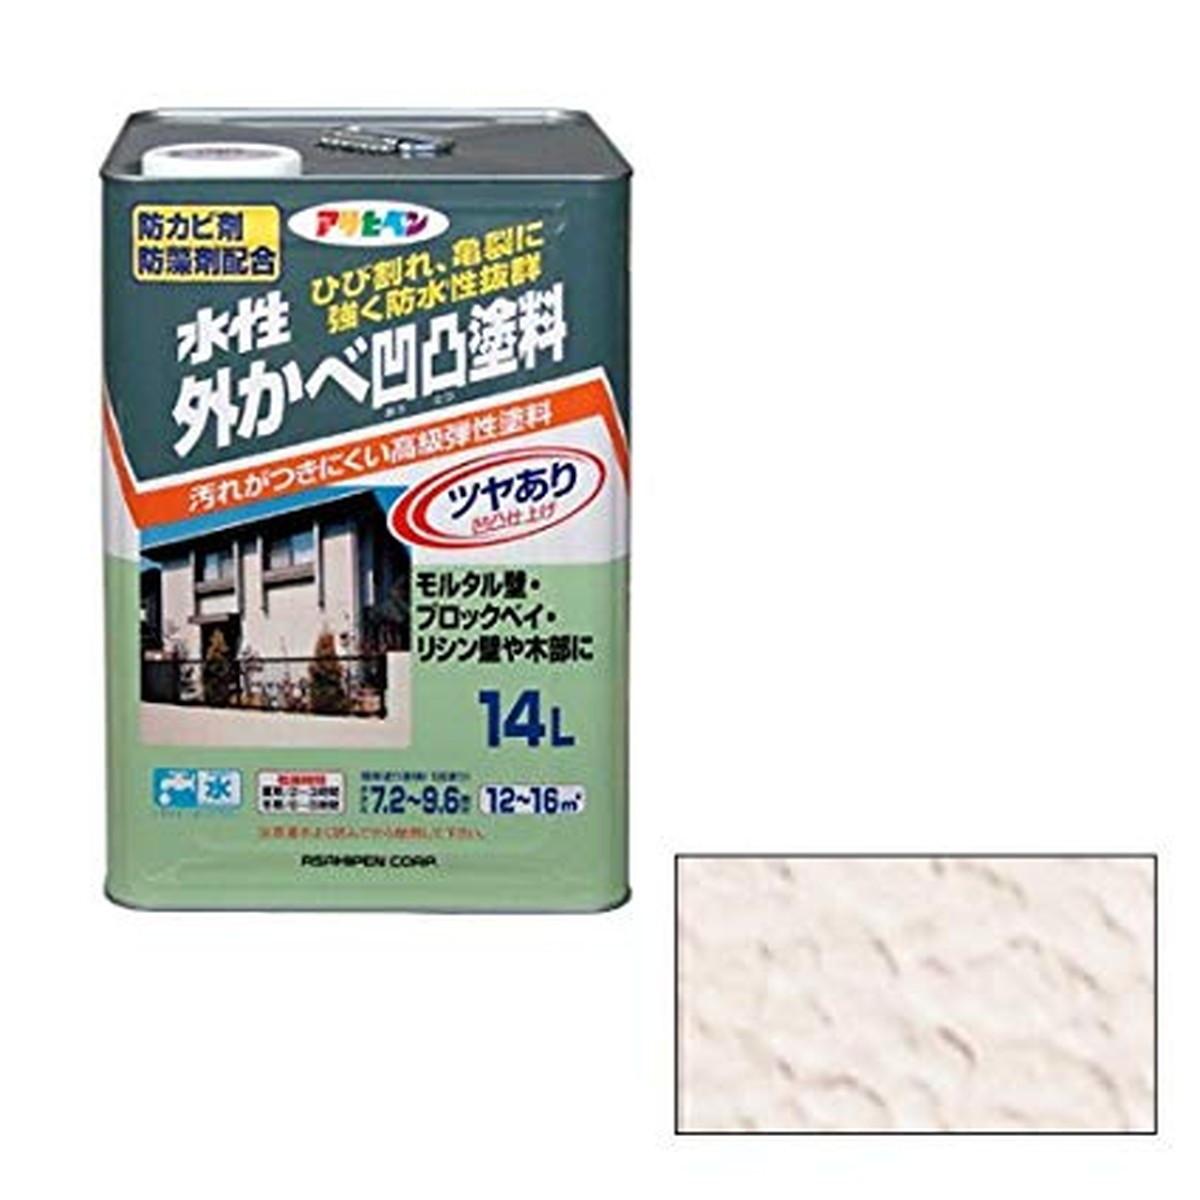 アサヒペン 水性外かべ凹凸塗料 ベージュ 14L【クーポン配布中】